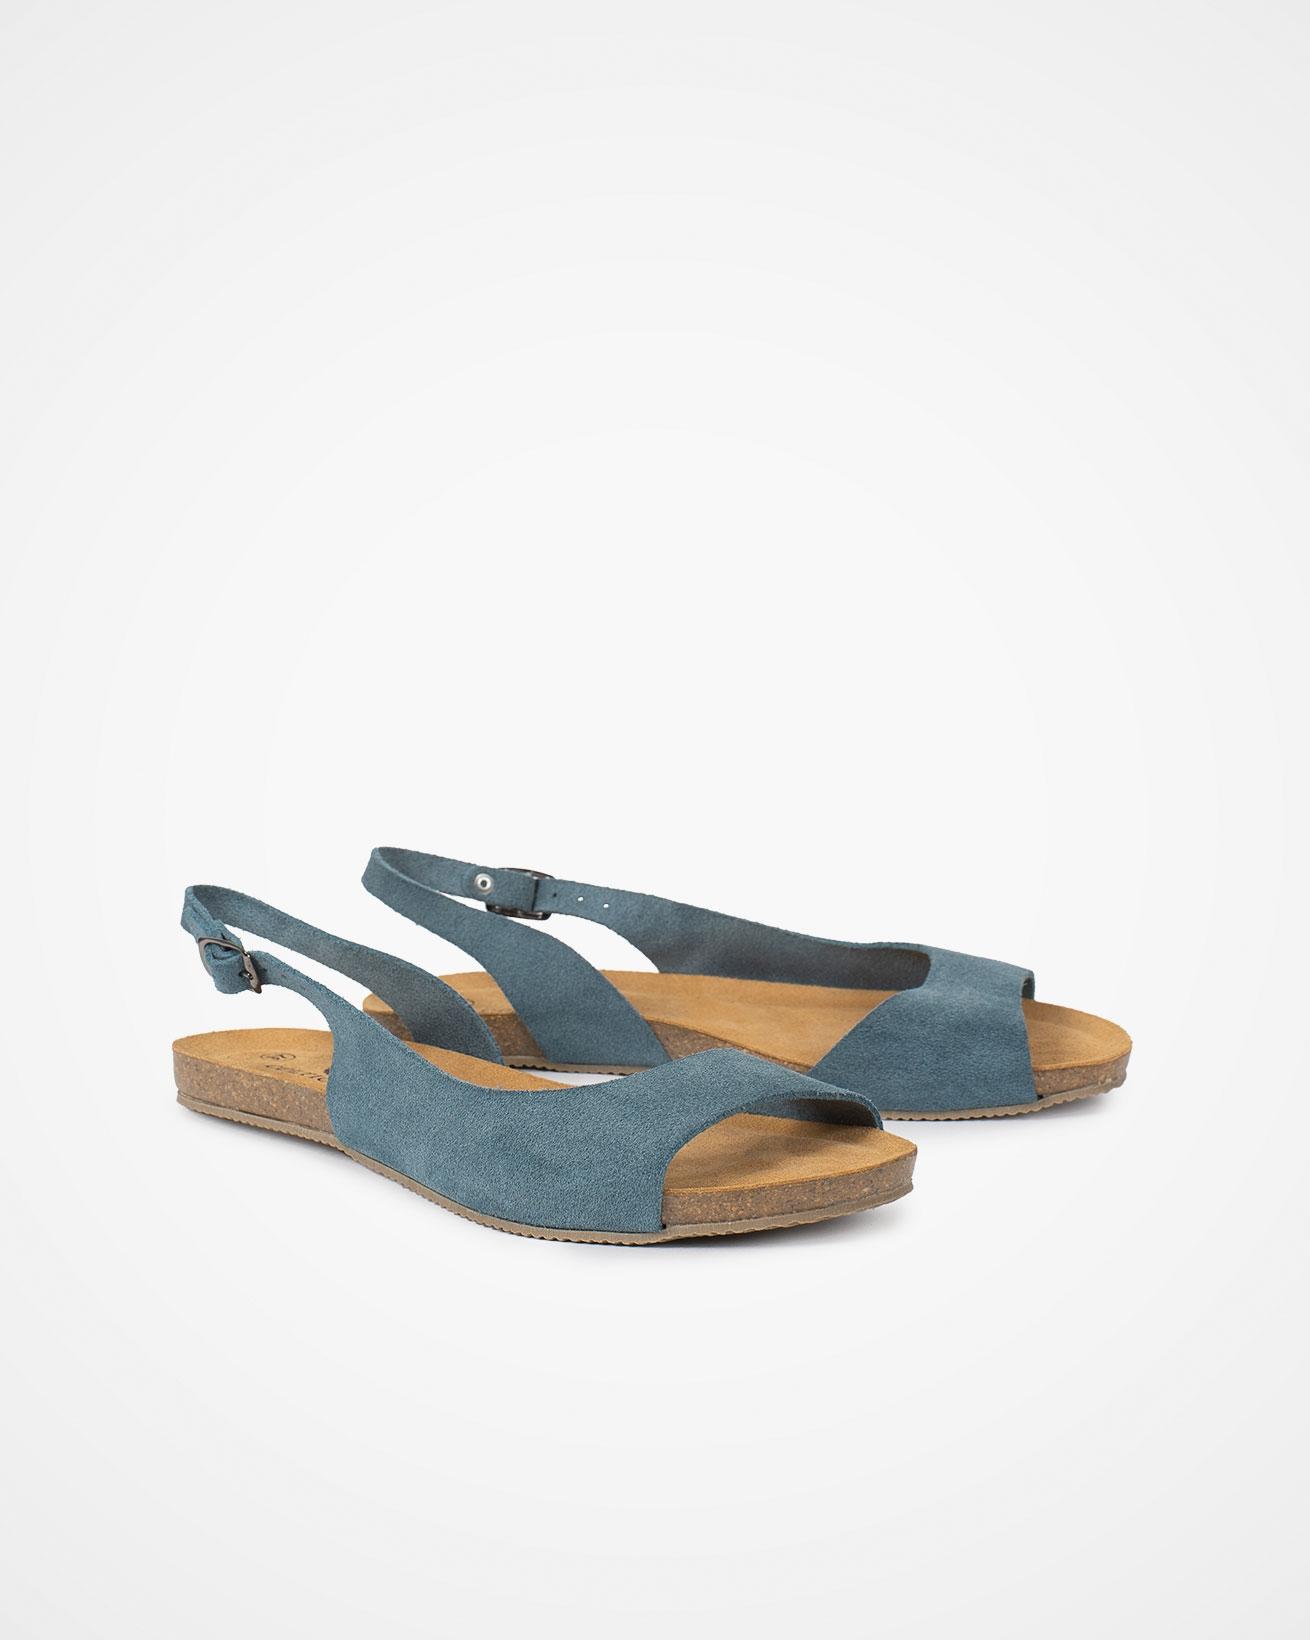 7697_sling-back-flat_sandal_denim_pair.jpg